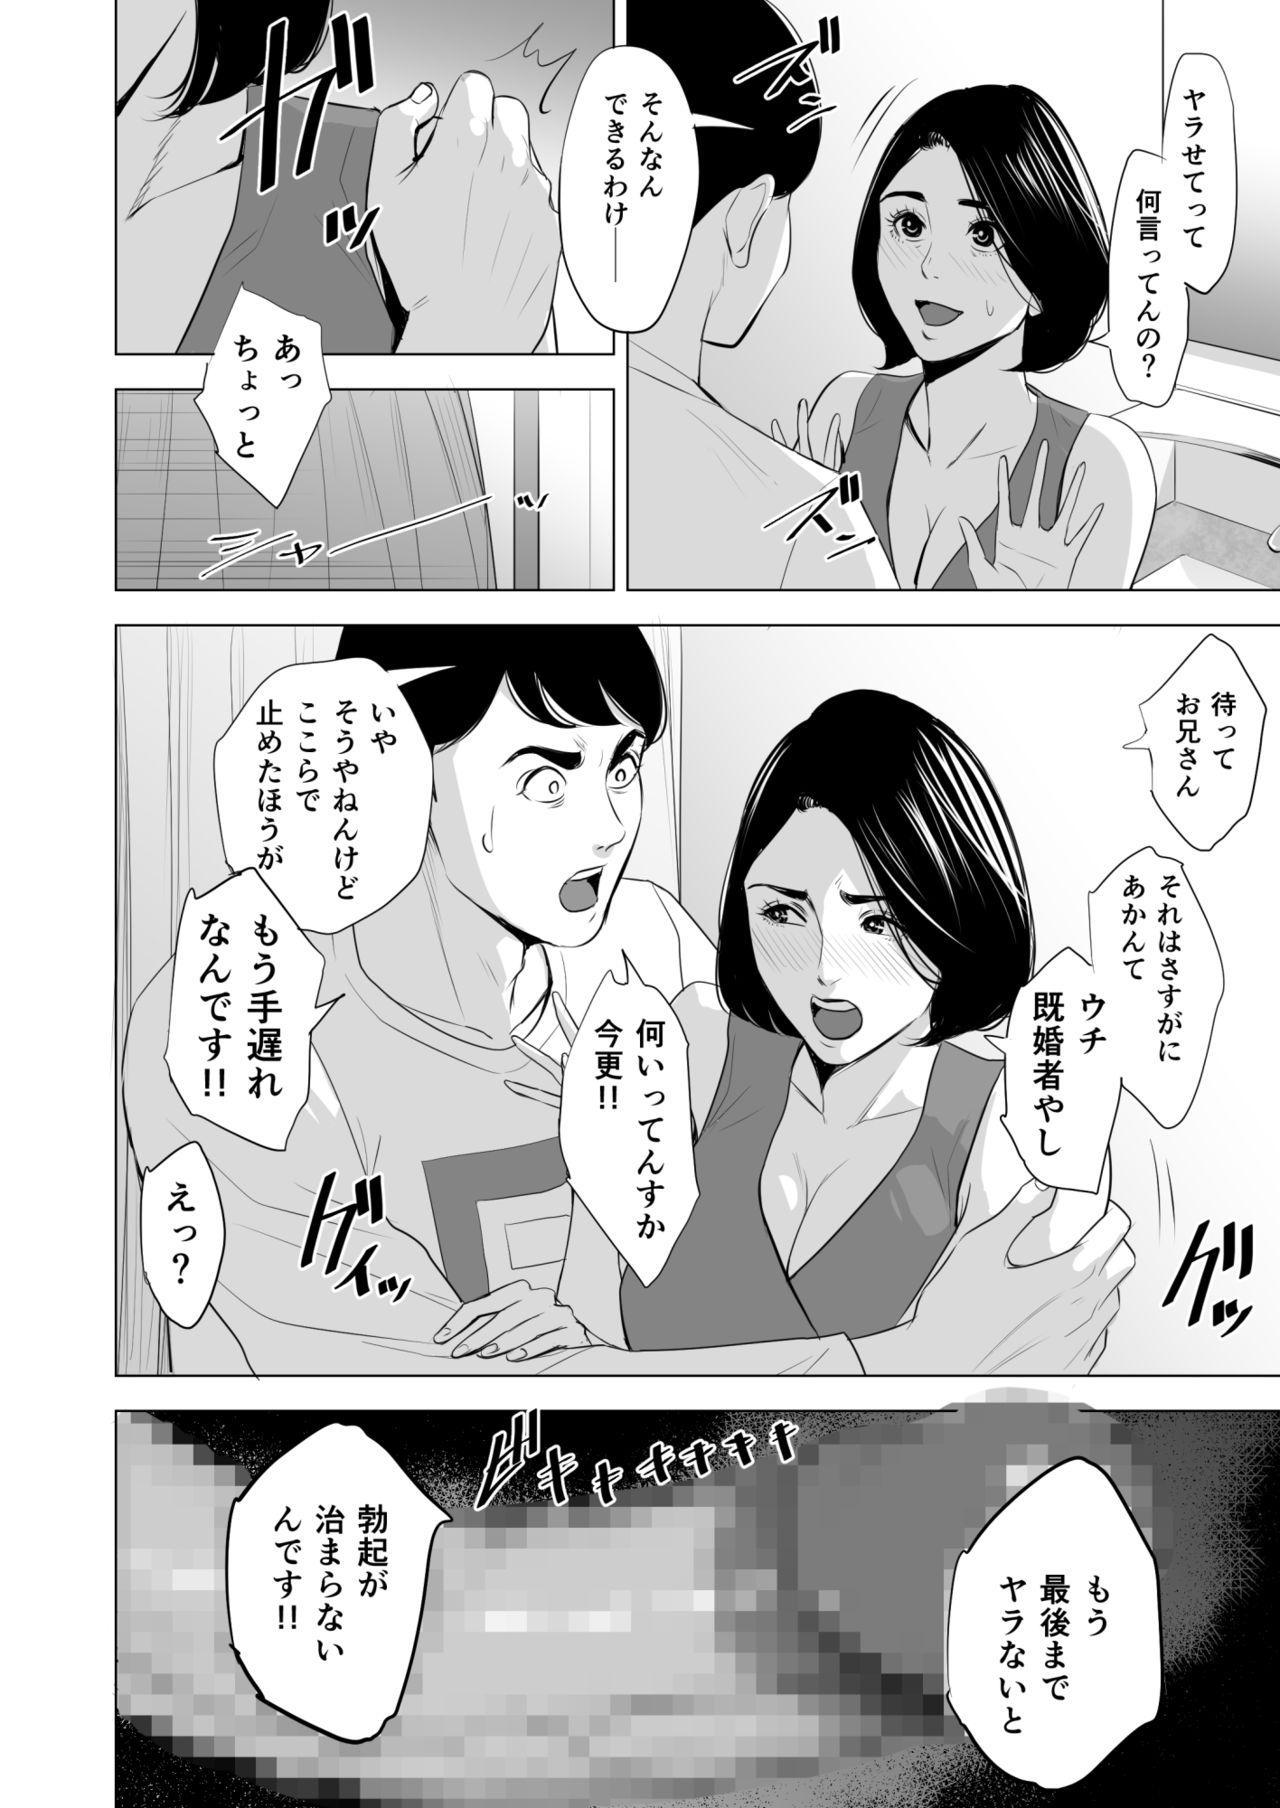 Shinkansen de Nani shiteru!? 39